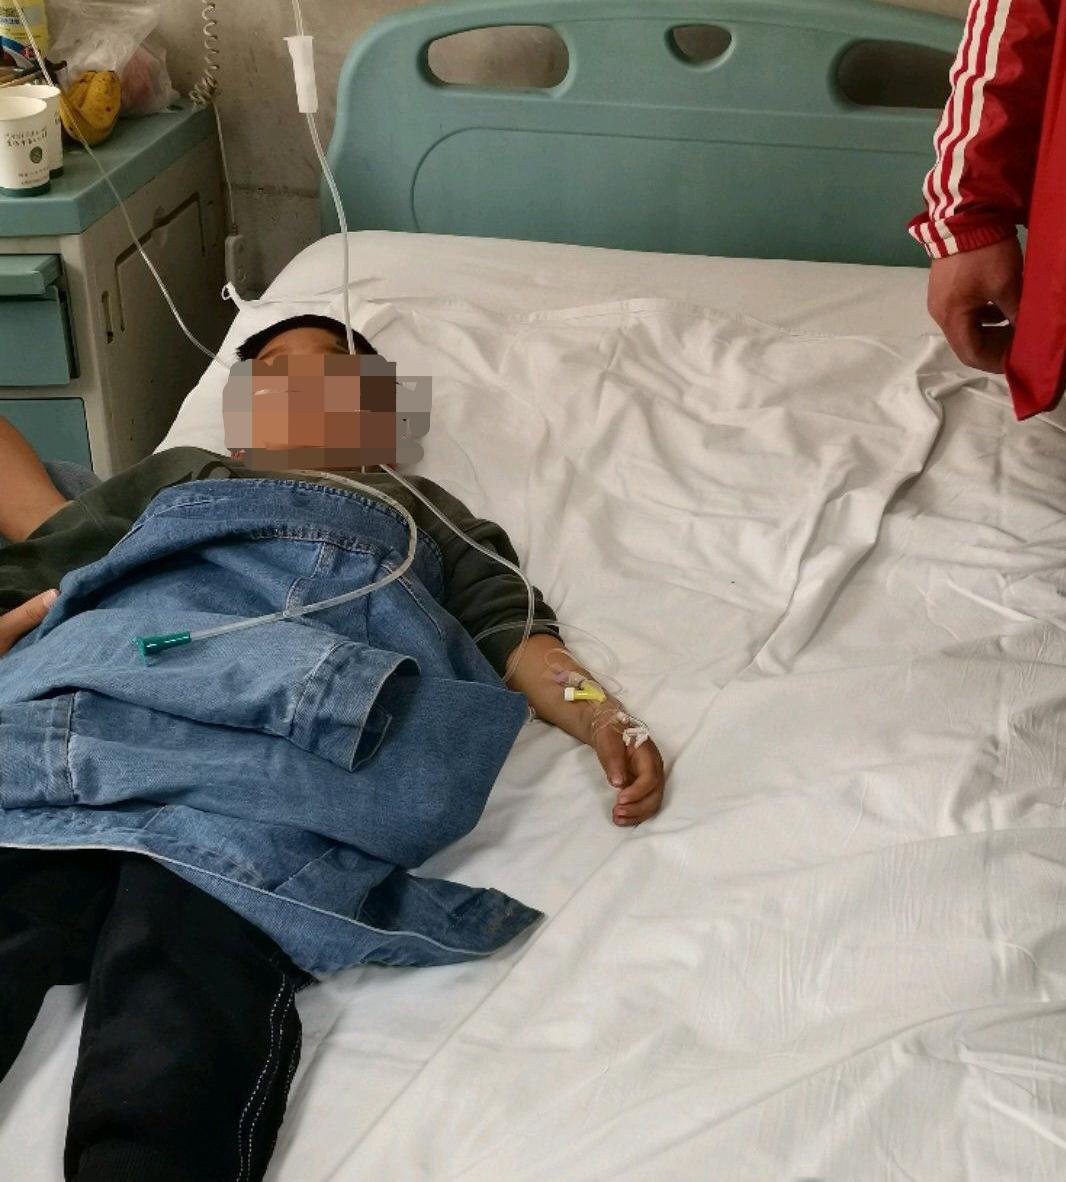 河南焦作一幼儿园老师投毒23名幼儿亚硝酸盐中毒